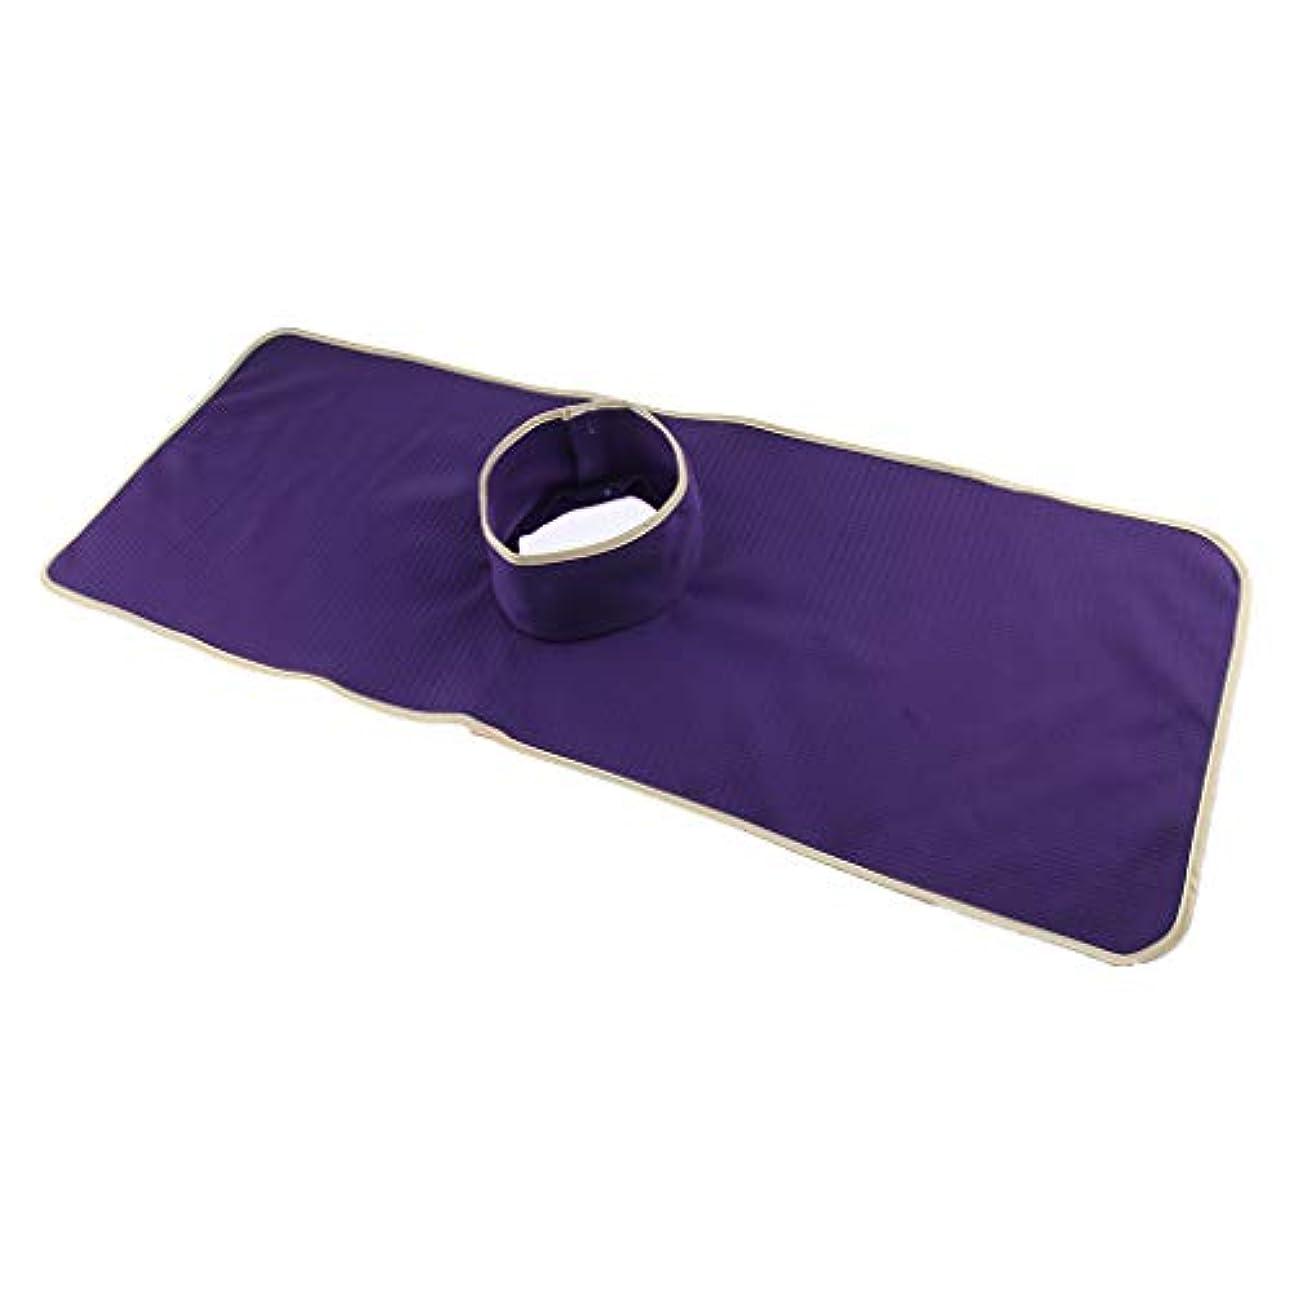 追い越す段階人chiwanji 洗える指圧マッサージベッドタトゥーテーブルシートパッドマットフェイスホールカバー - 紫